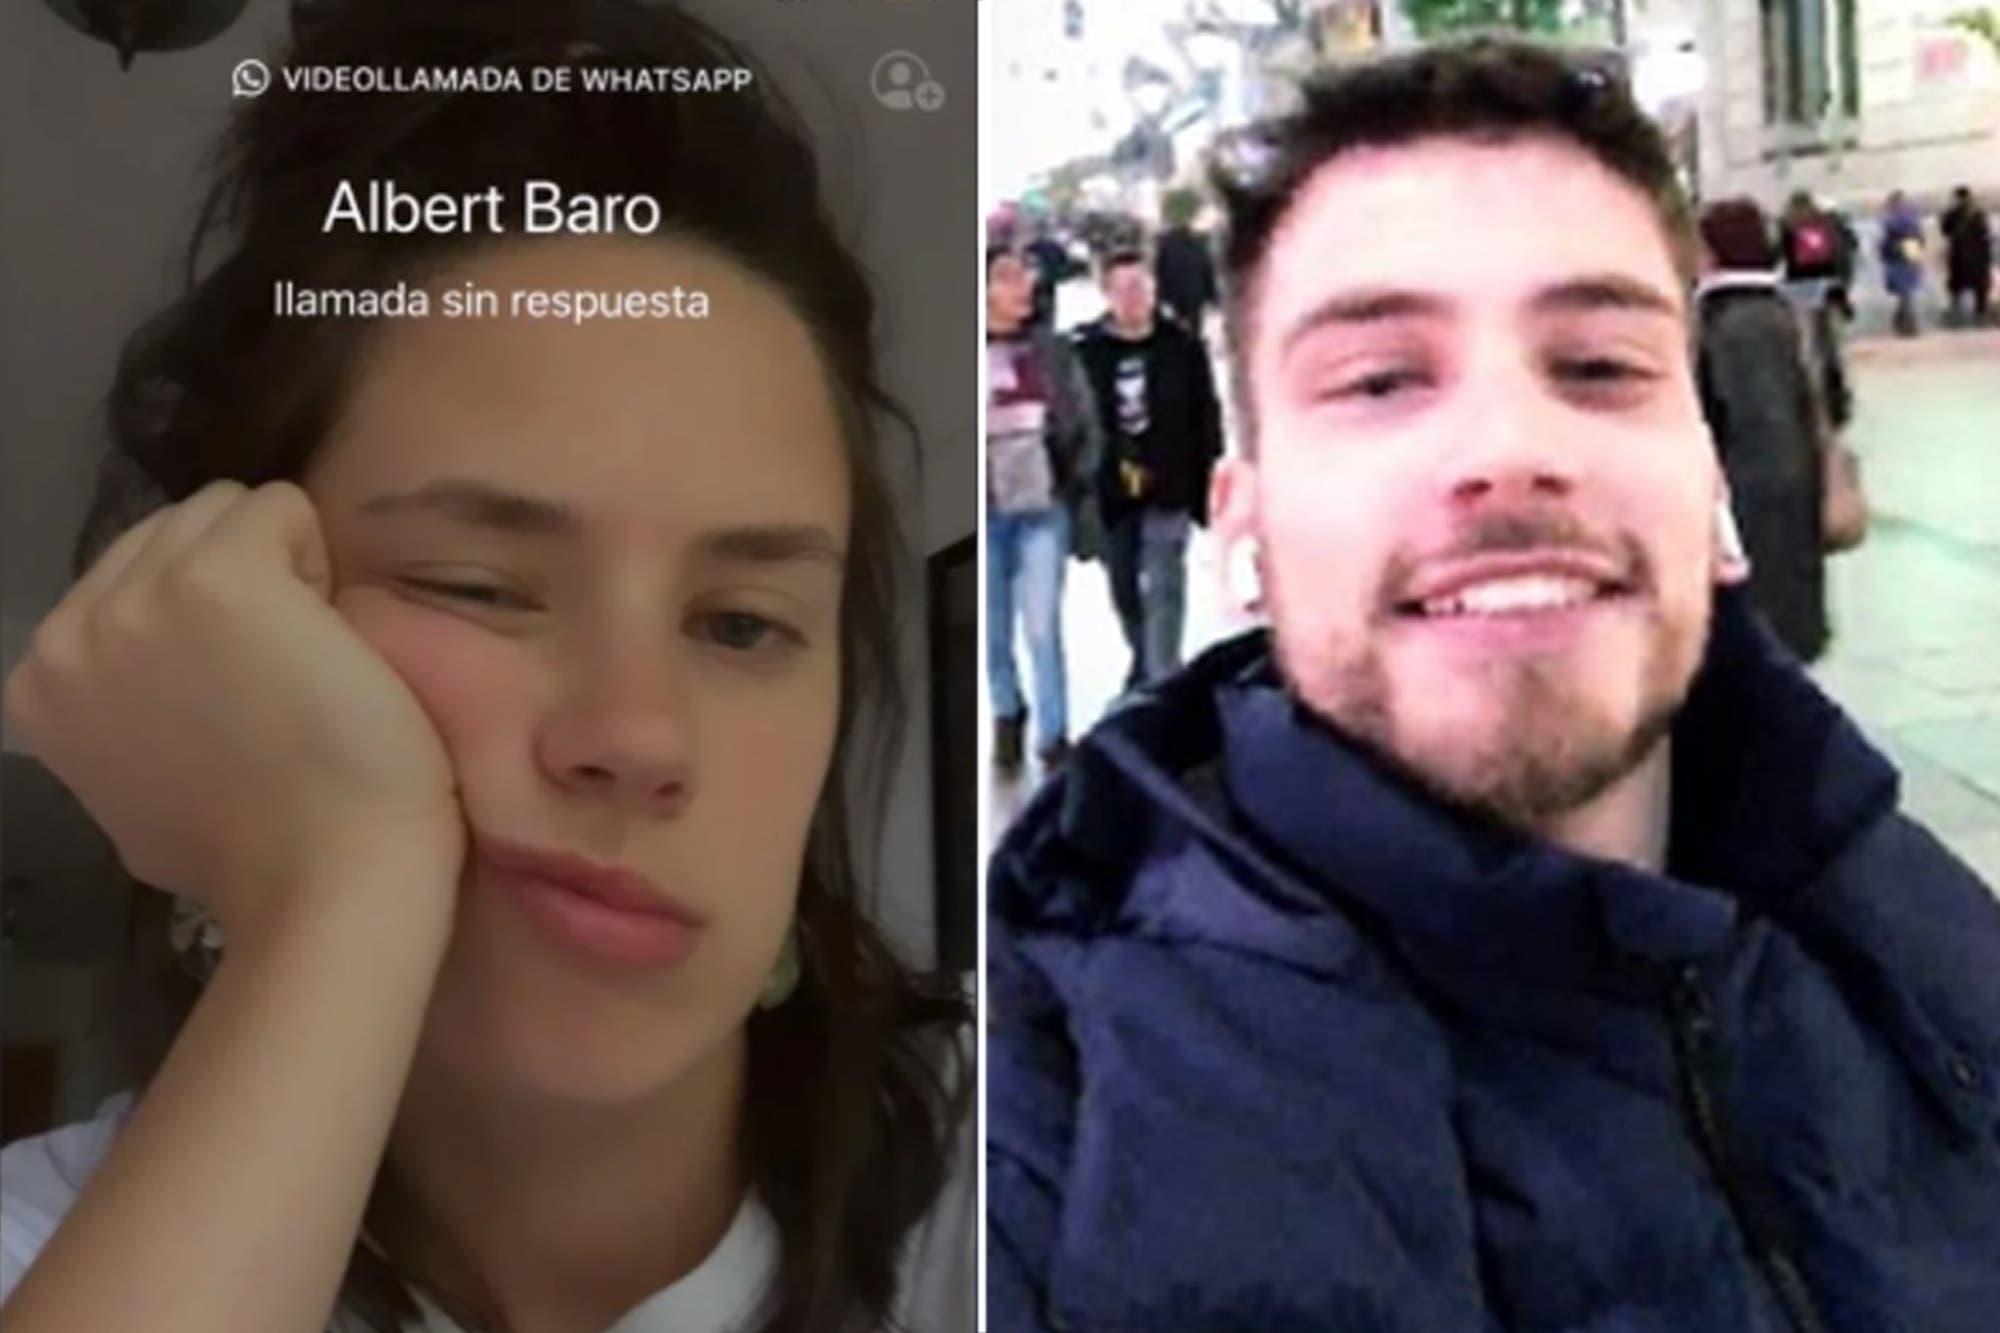 El divertido intercambio de reclamos entre Delfina Chaves y Albert Baró por una videollamada